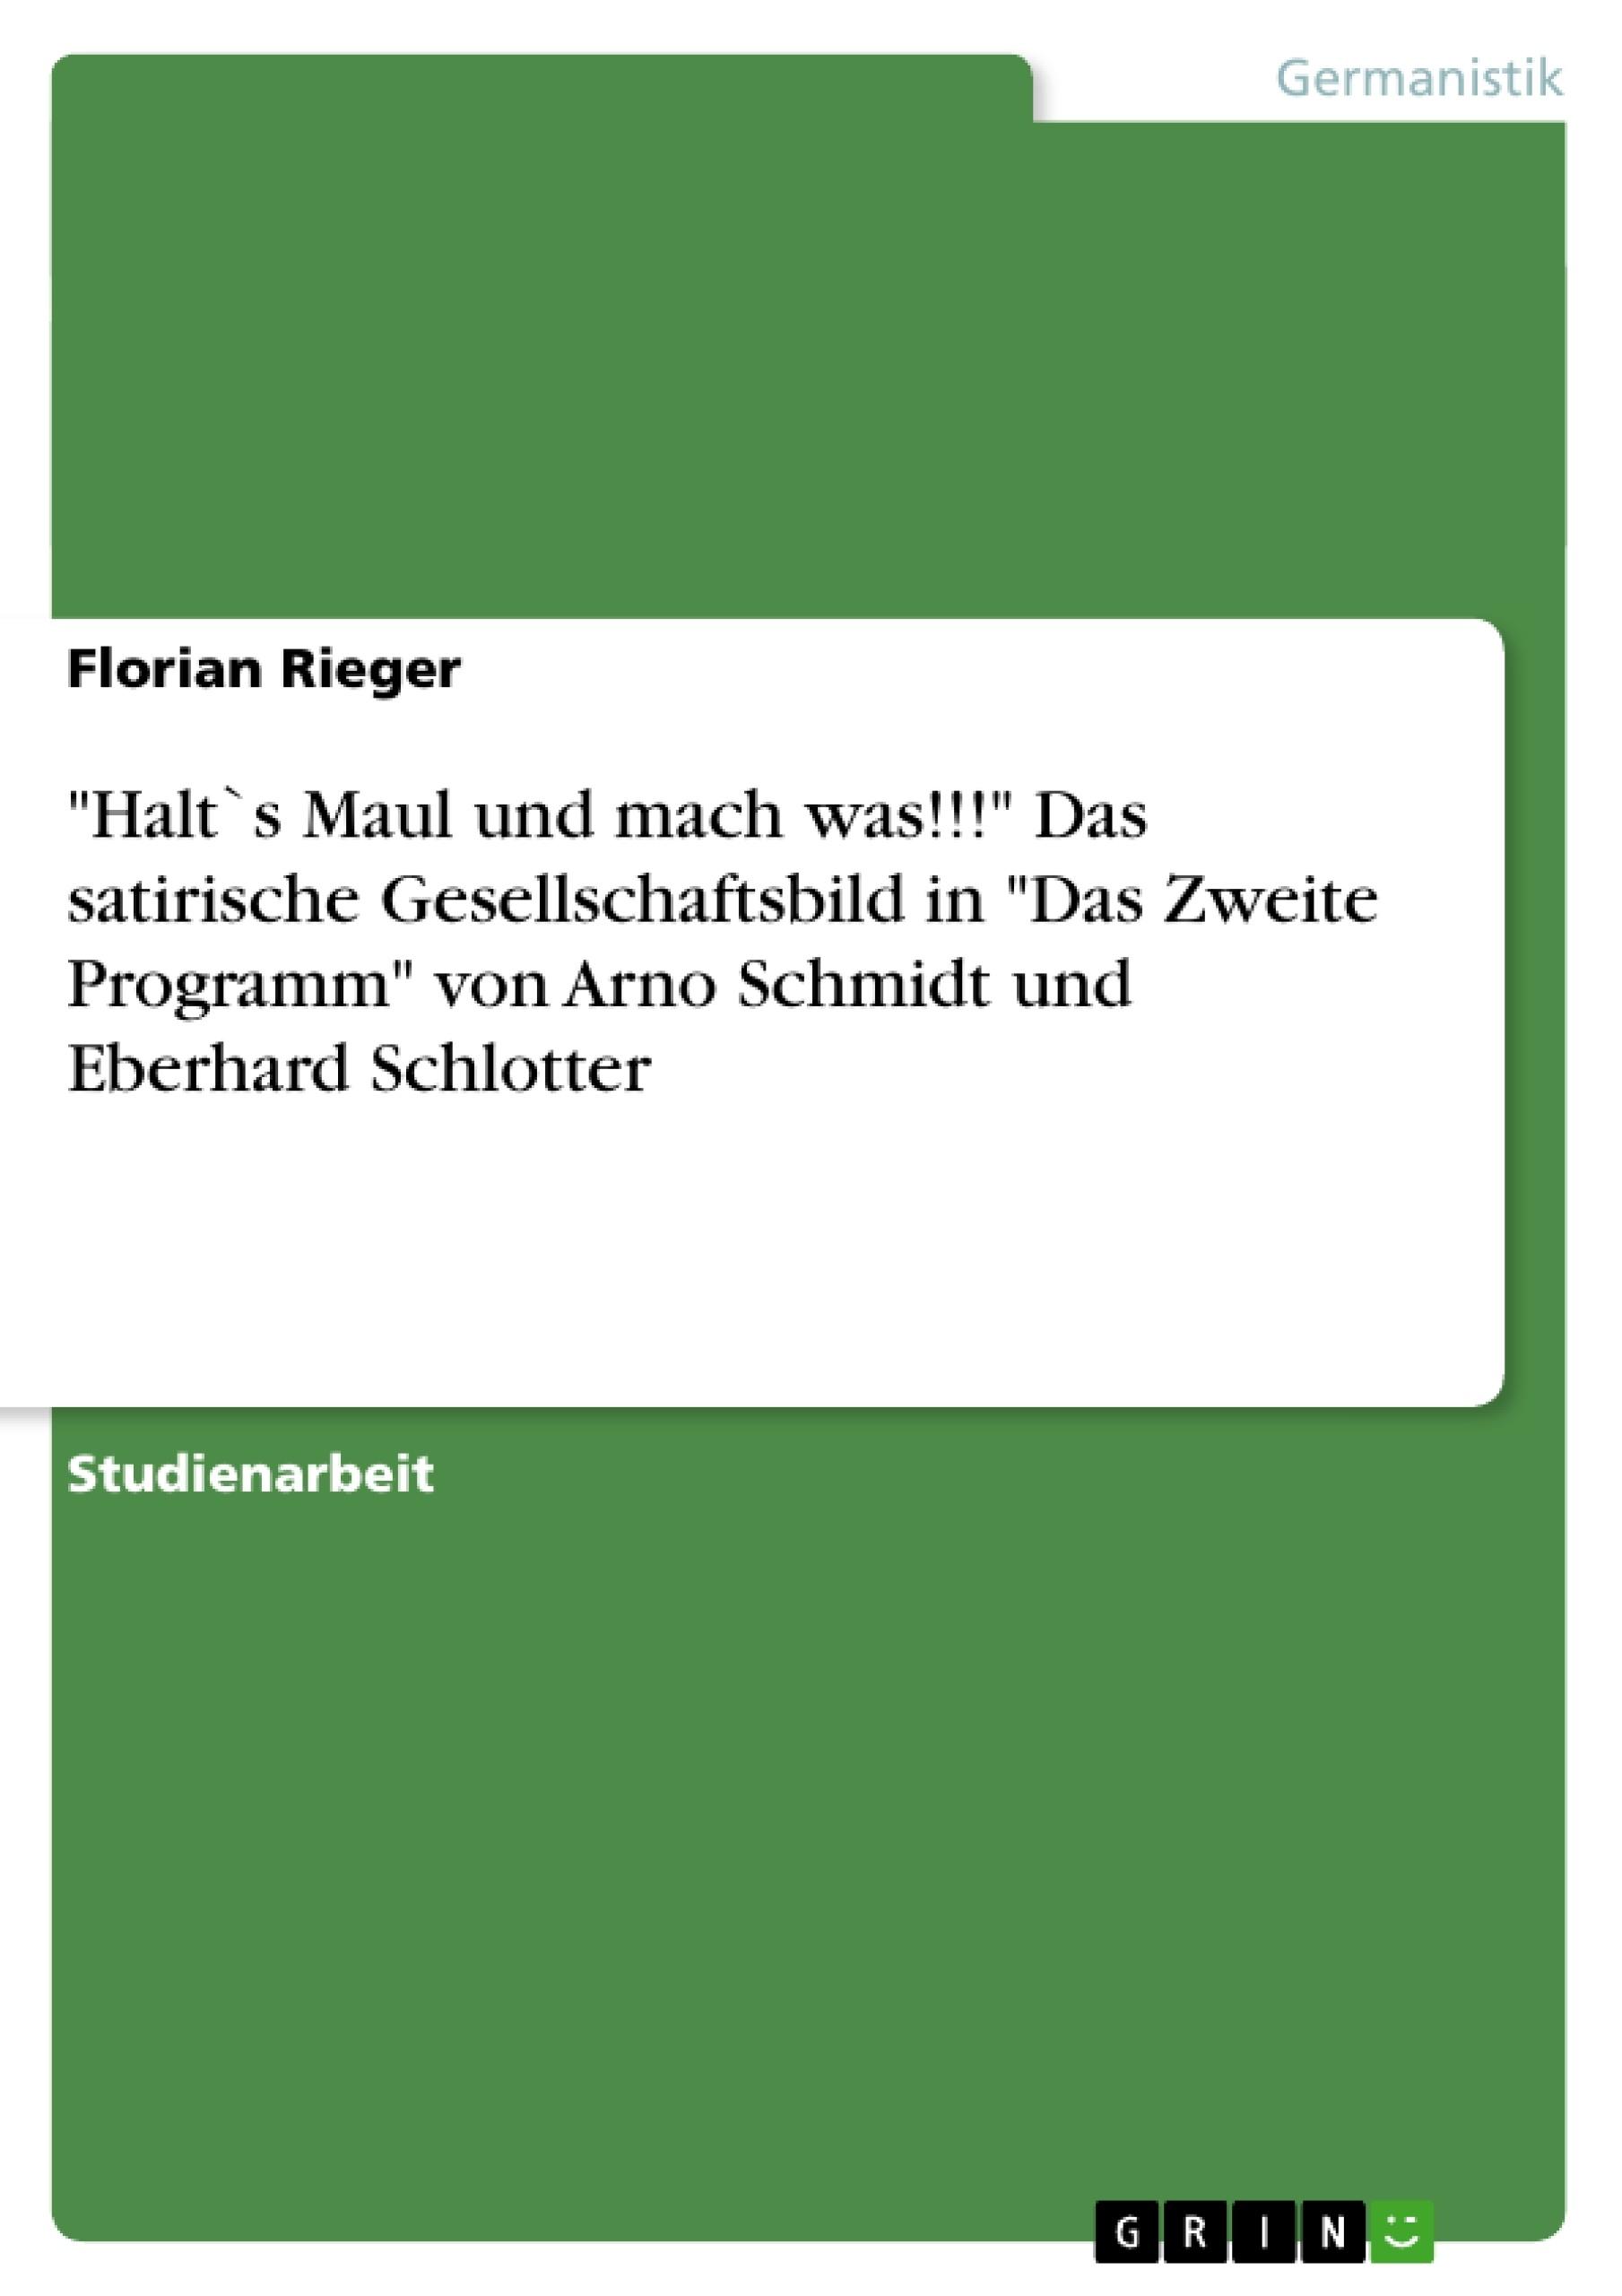 """Titel: """"Halt`s Maul und mach was!!!"""" Das satirische Gesellschaftsbild in """"Das Zweite Programm"""" von Arno Schmidt und Eberhard Schlotter"""